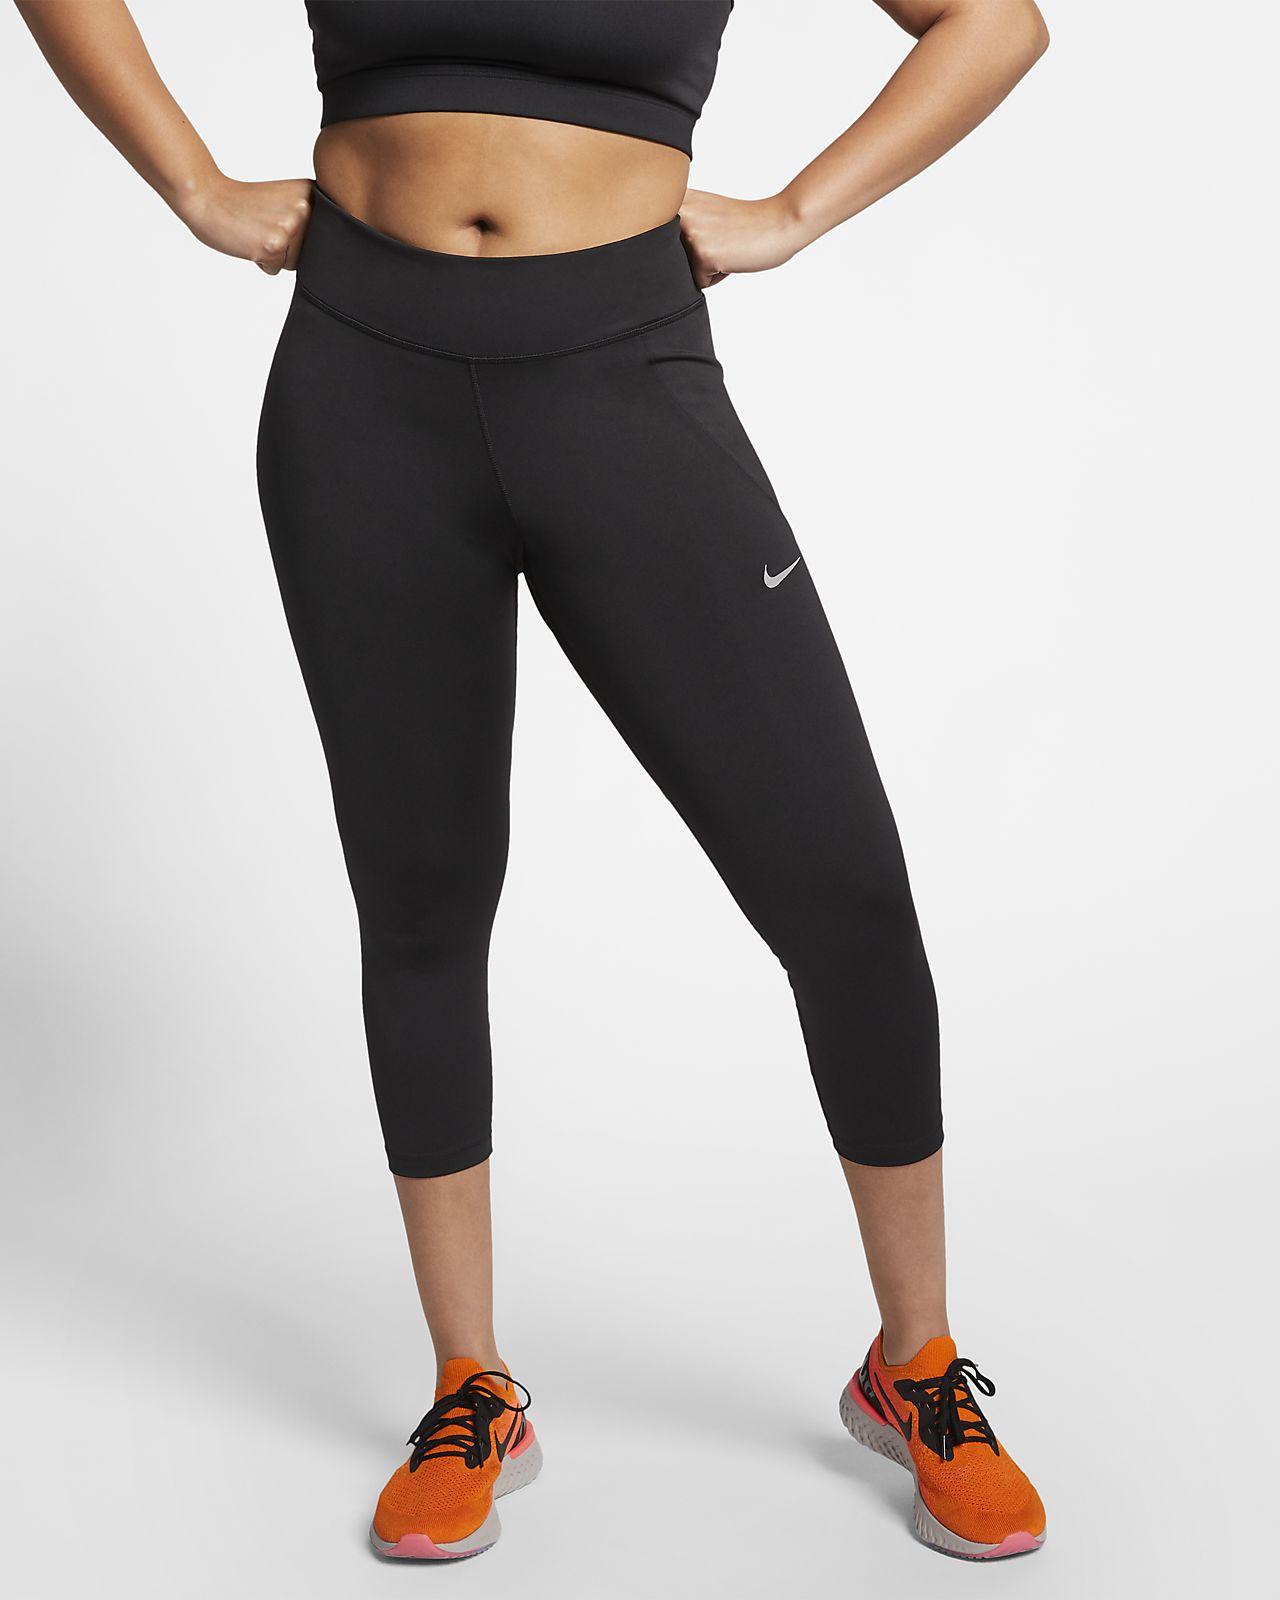 9fbbd70b7f65 Γυναικείο κολάν 3 4 για τρέξιμο Nike Fast (μεγάλα μεγέθη). Nike.com GR